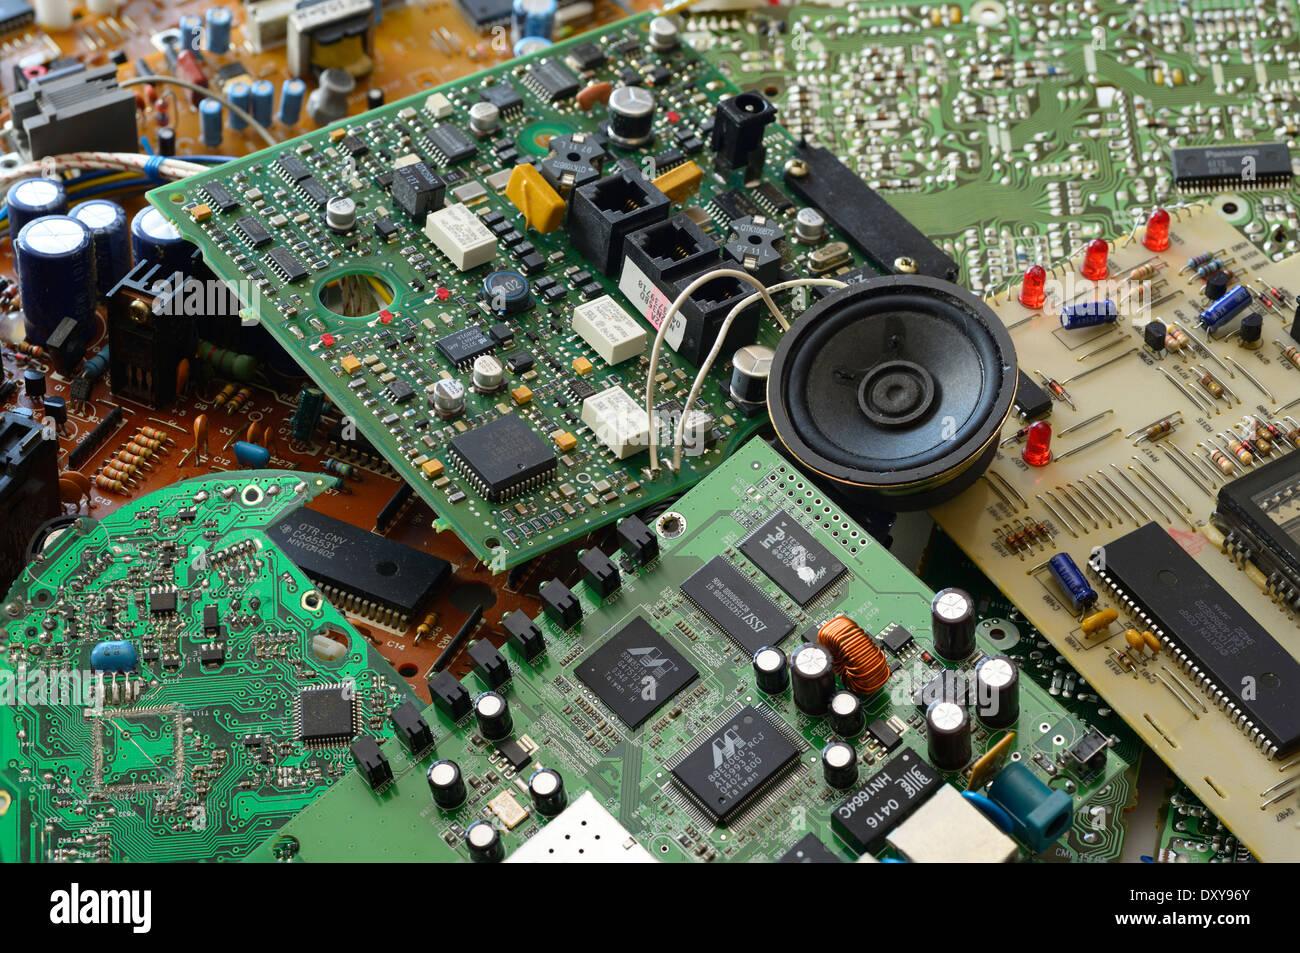 Raccolta di posta indesiderata di componenti elettronici con microchip e integrato di schede a circuito stampato Immagini Stock